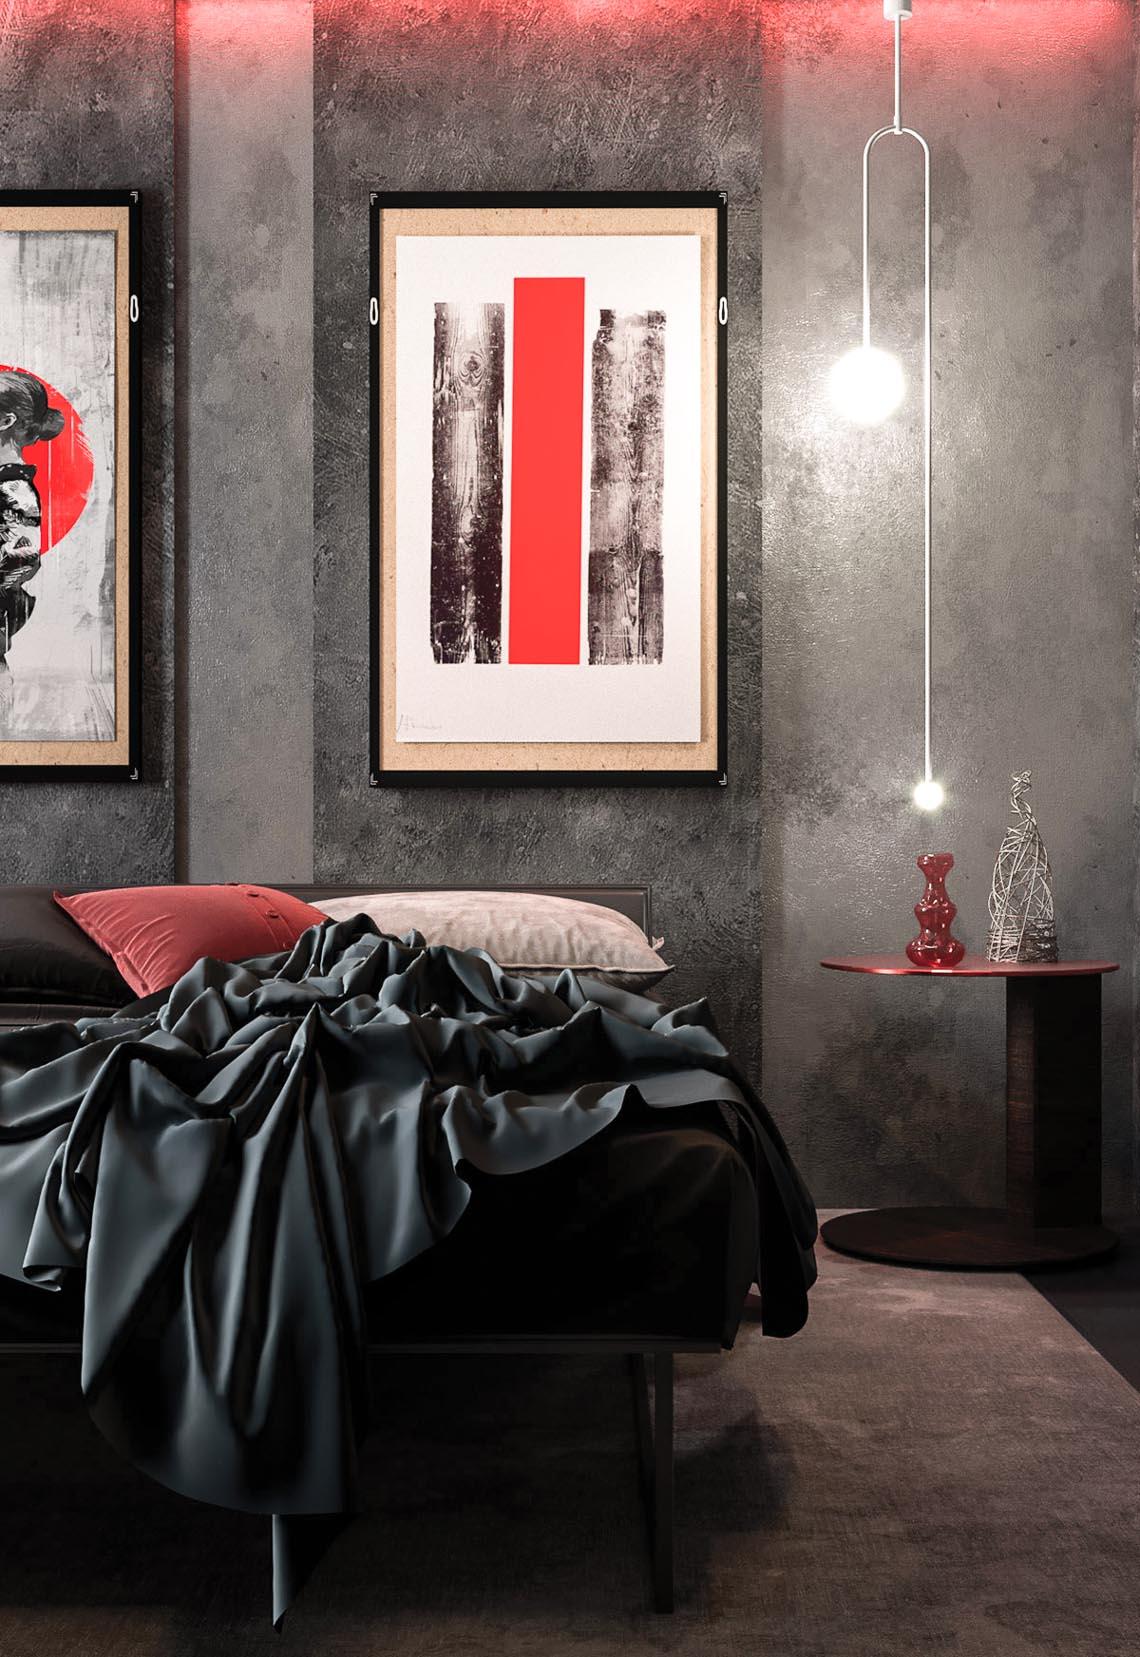 Thiết kế nội thất hiện đại với tông màu đỏ và xám theo phong cách Nhật Bản-10